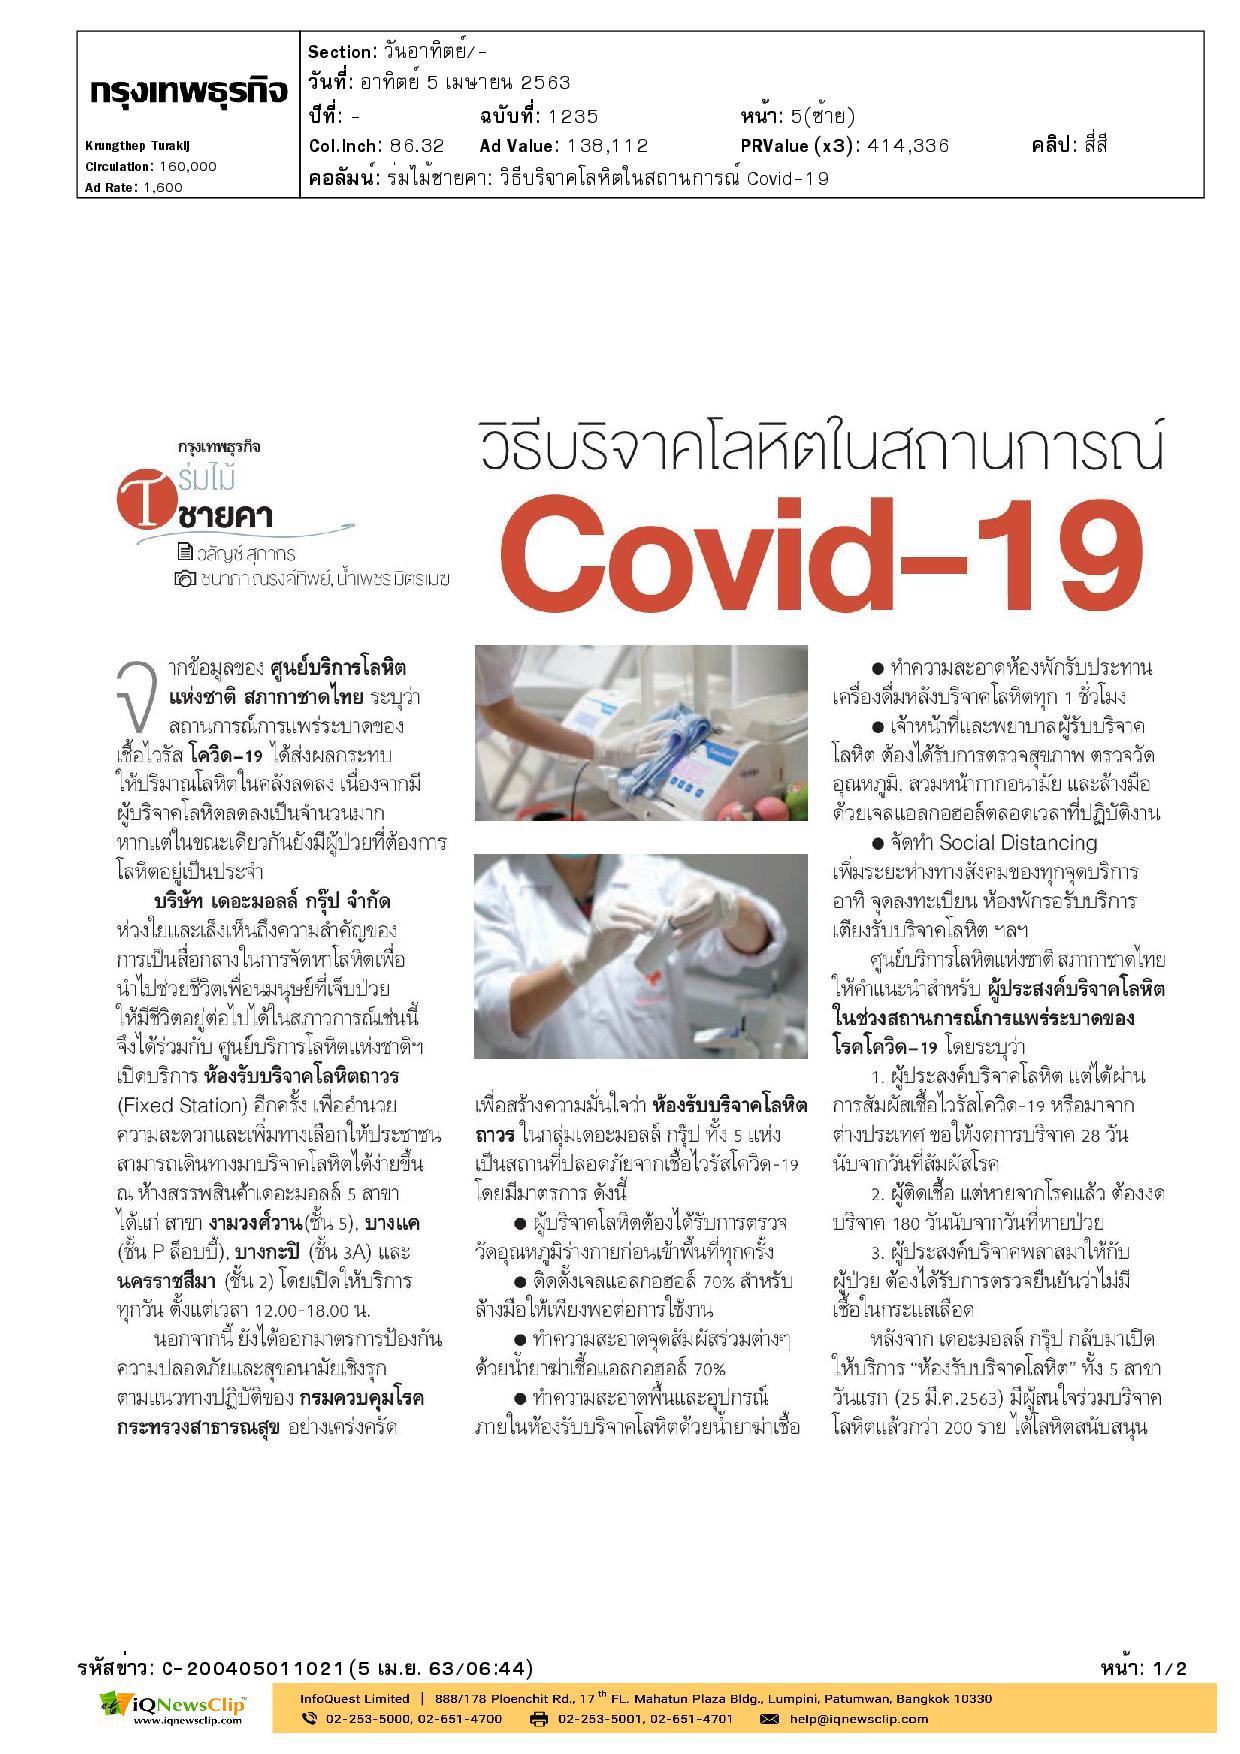 """บทความเรื่อง """"วิธีบริจาคโลหิตในสถานการณ์ Covid-19"""""""